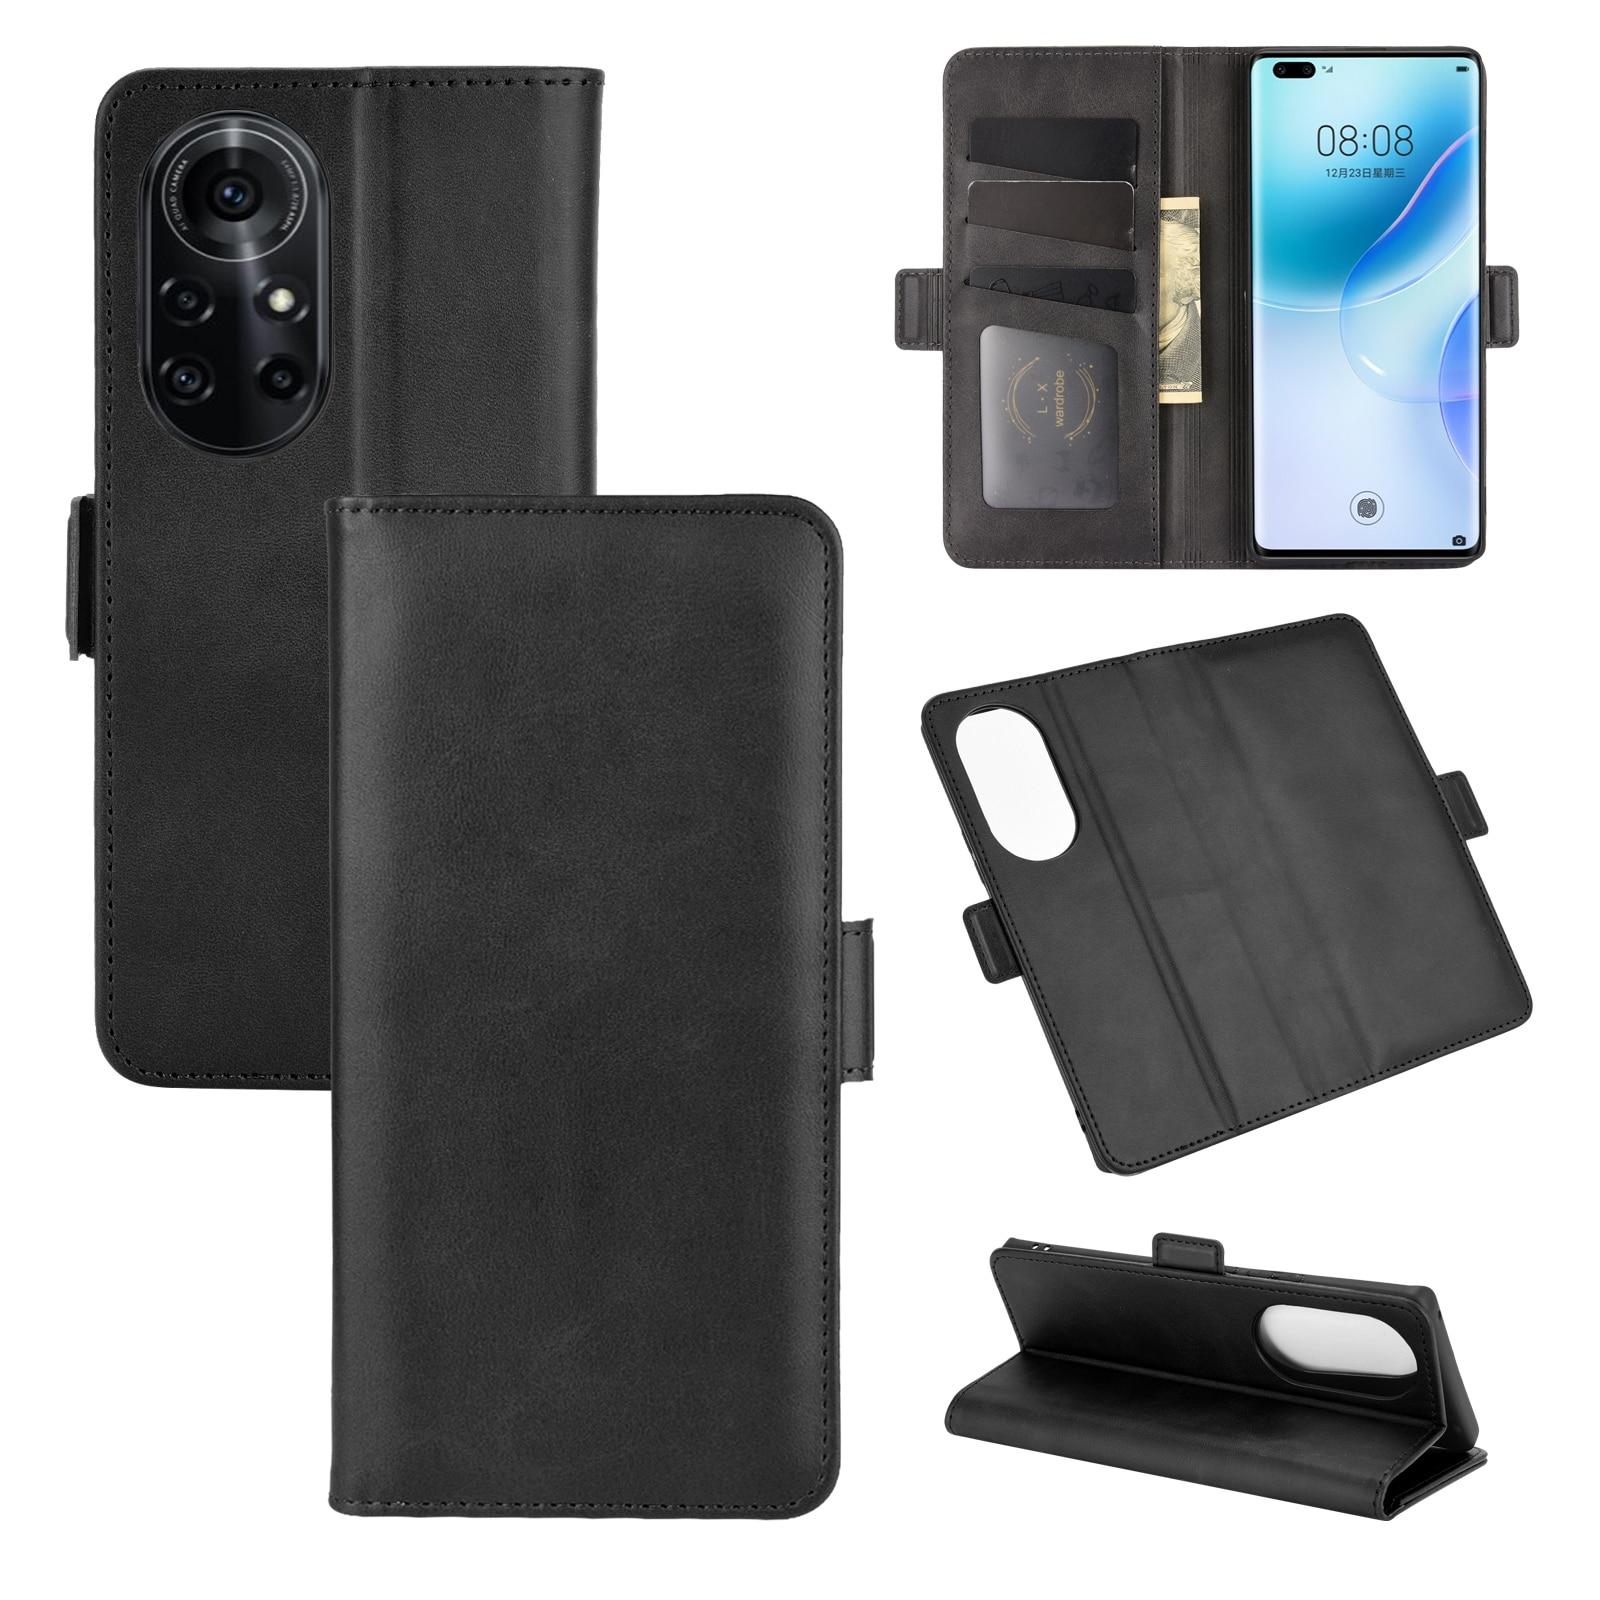 Чехол для Huawei Nova/Honor 8 Pro 5G кожаный чехол-портмоне на застежке в стиле винтажный Магнитный чехол для телефона для Huawei Nova/Honor 8 Pro 5G Coque